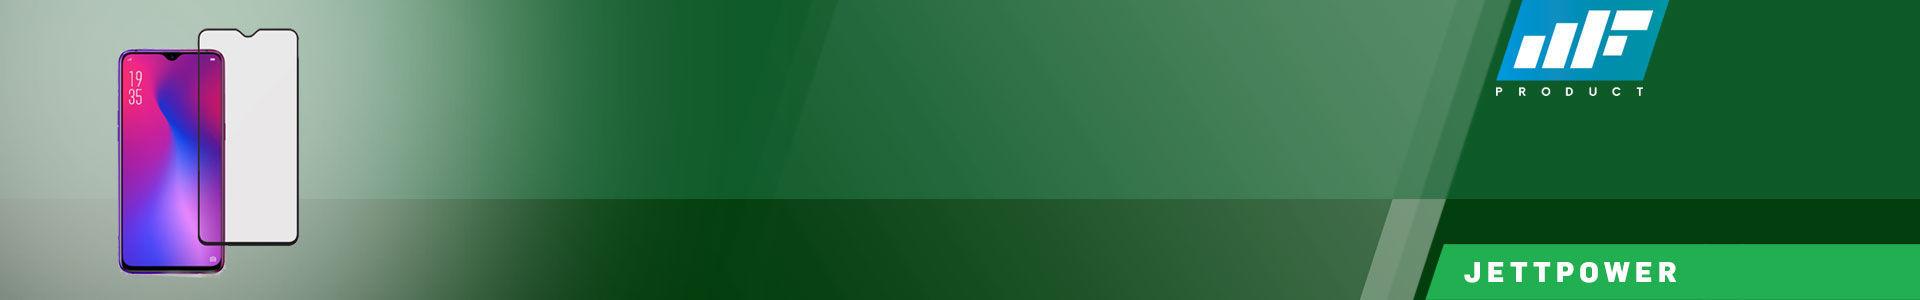 MF Product Jettpower 0448 Renklı Ekran Koruyucu Cam Oppo Rx17 Pro hemen al, hemen gelsin!